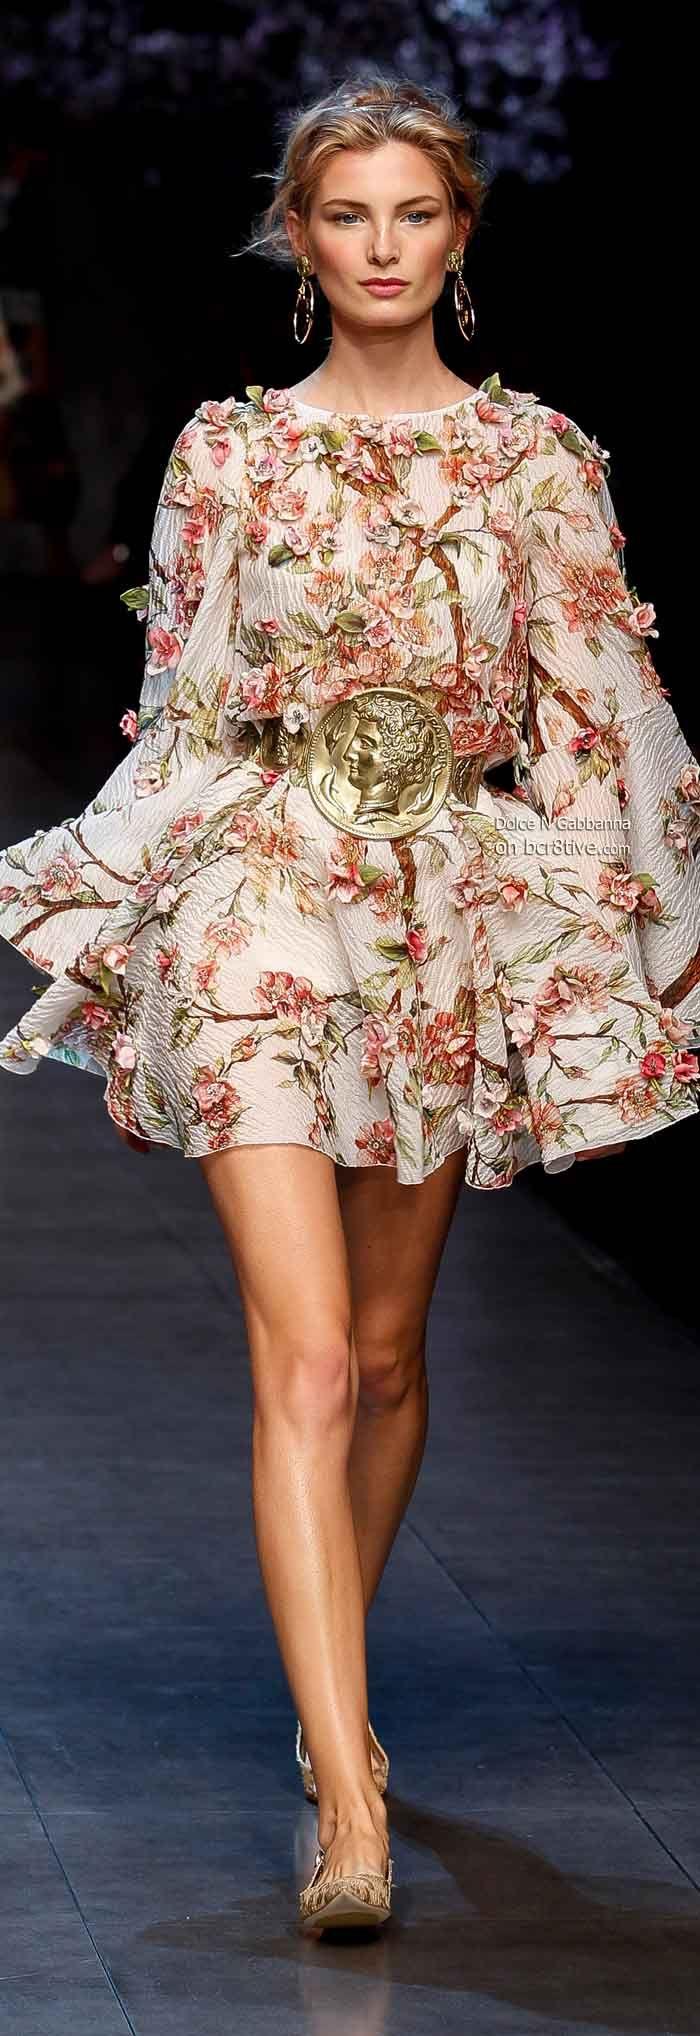 Dolce & Gabbana Spring 2014 Nossa lindoo! floral eu gosto demais!